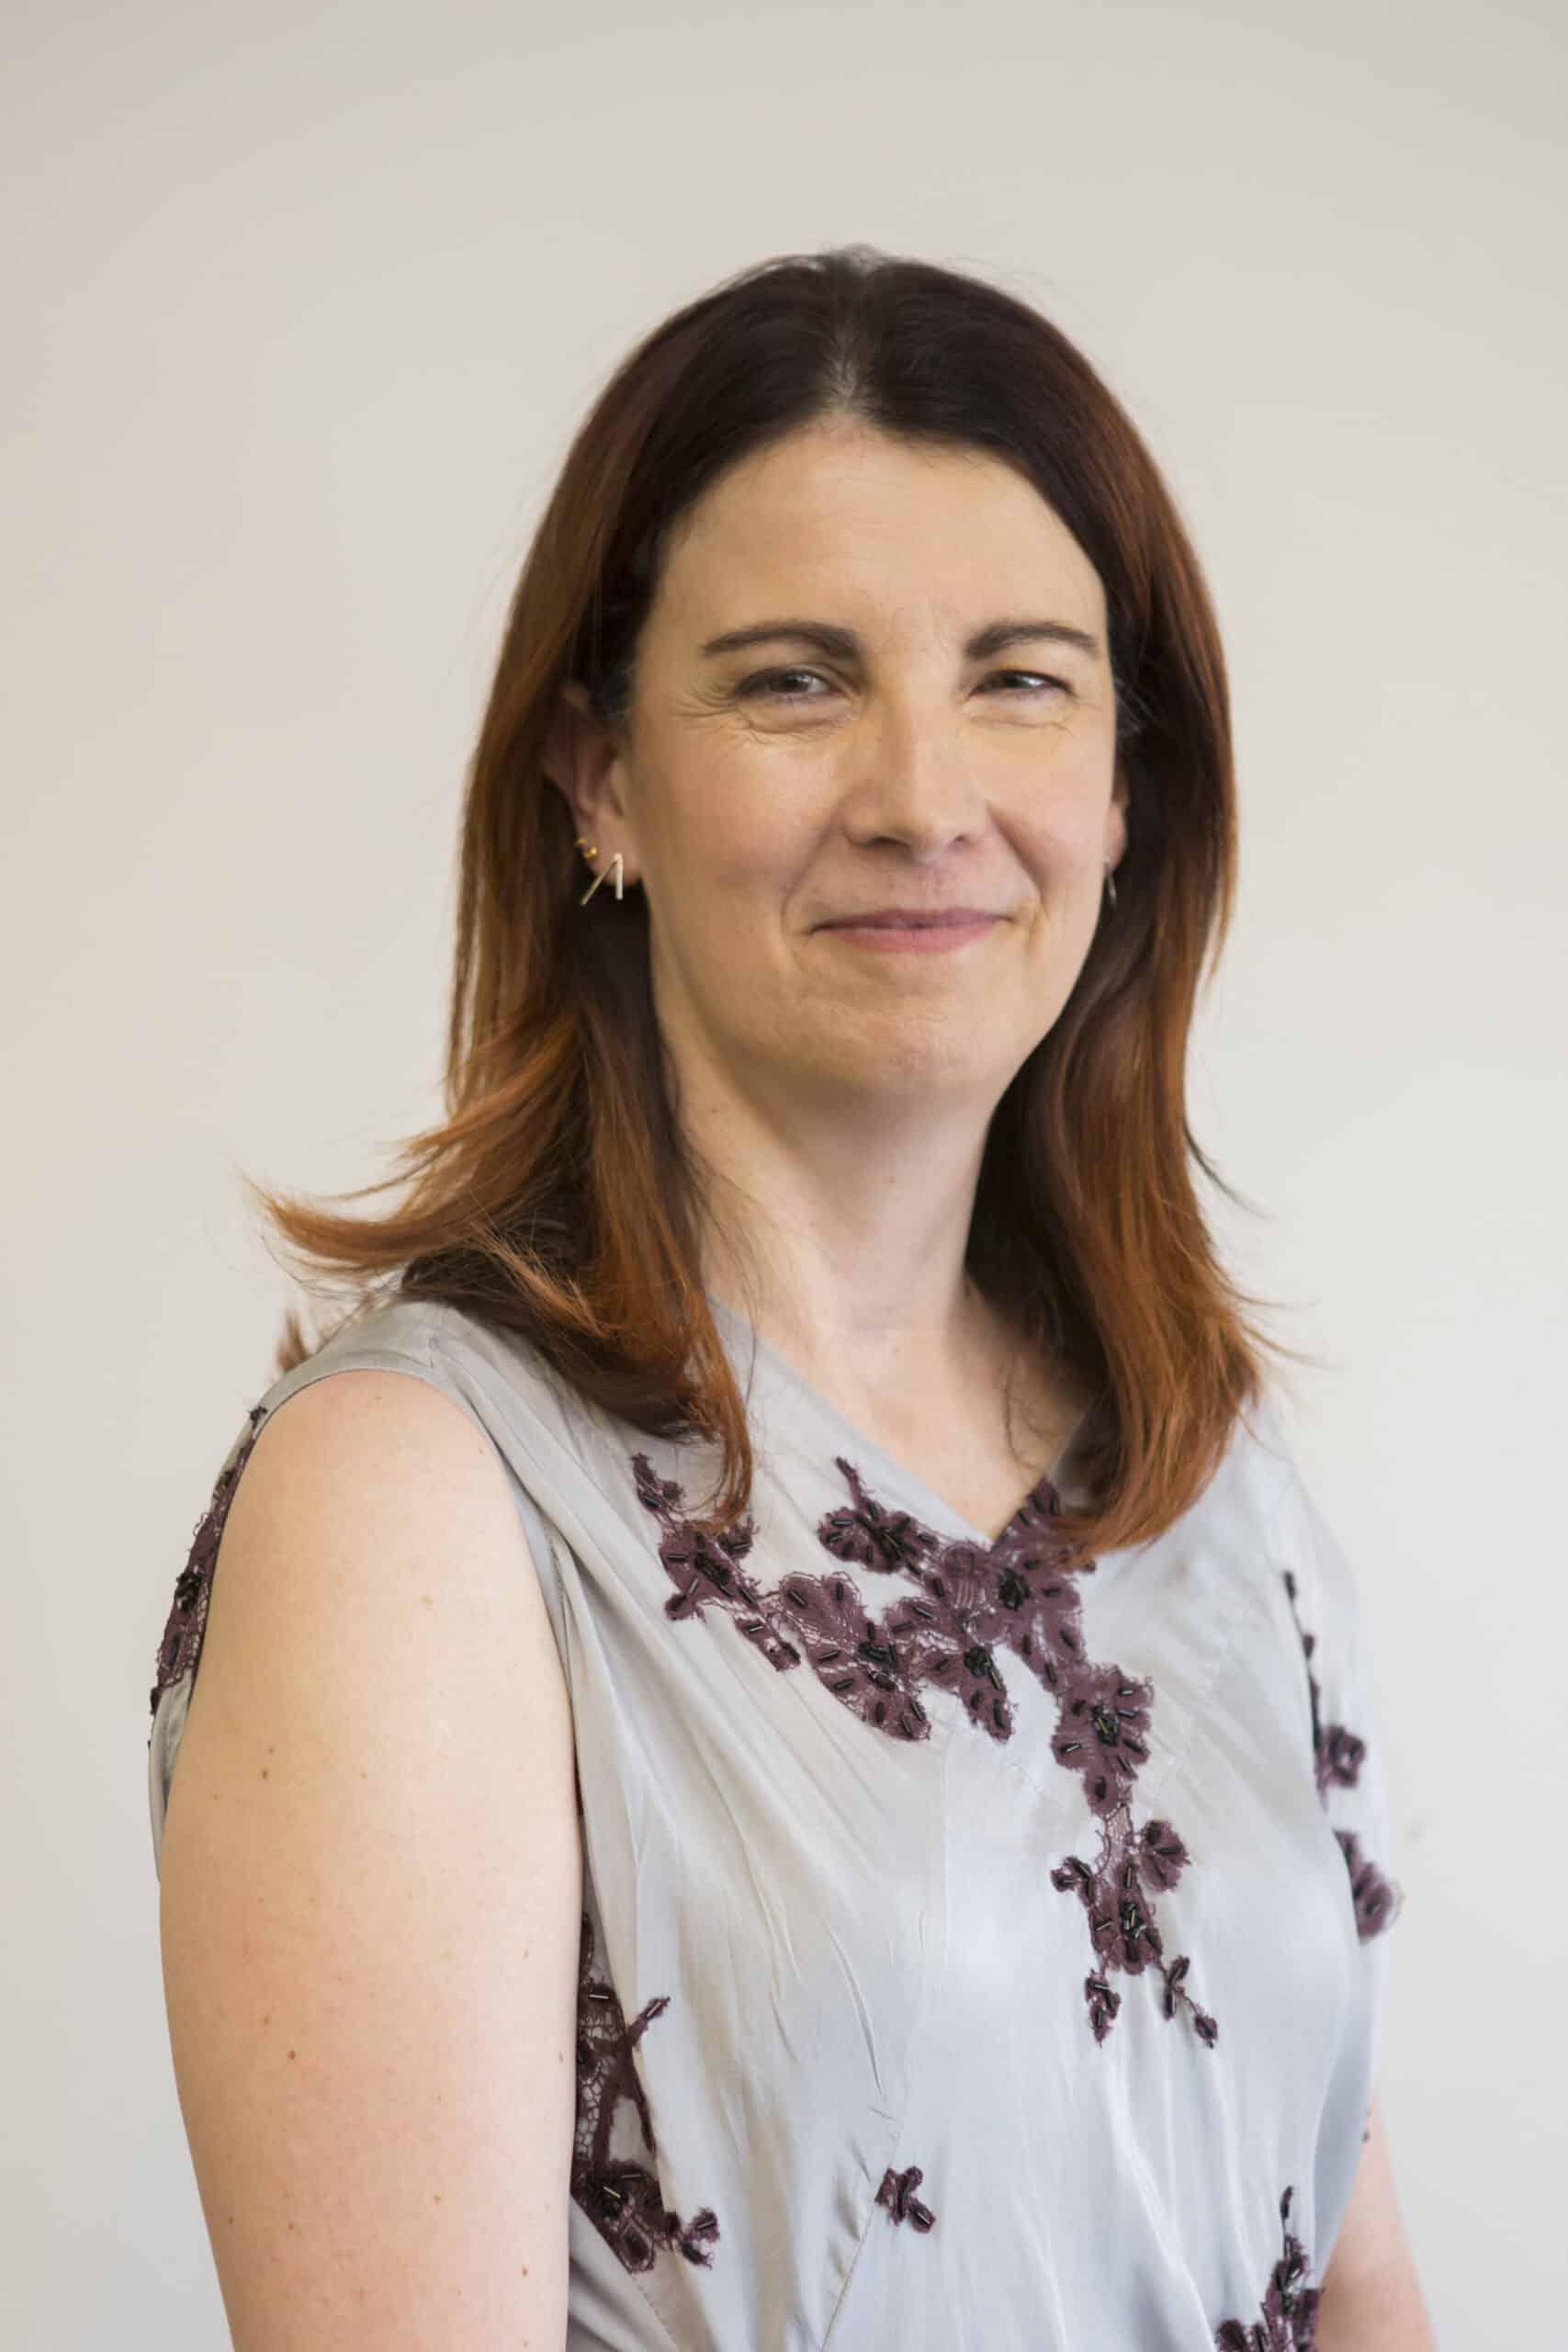 Helen Sullivan